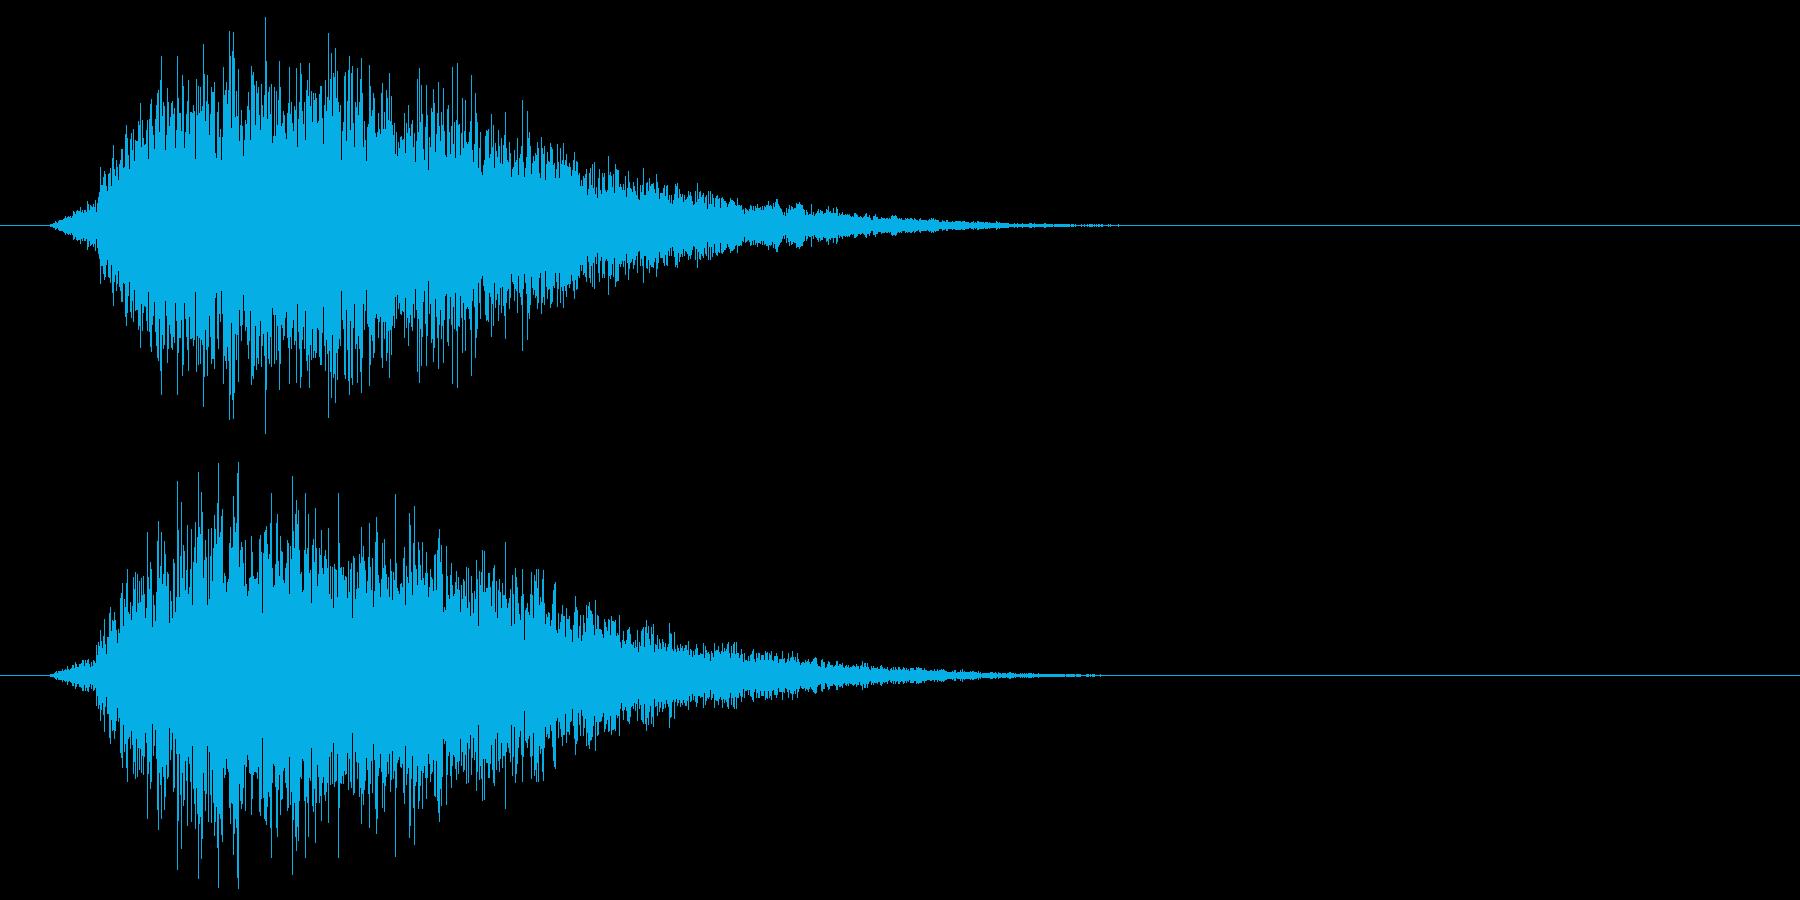 シャキーン!剣や刀、ロボット系の効果音1の再生済みの波形